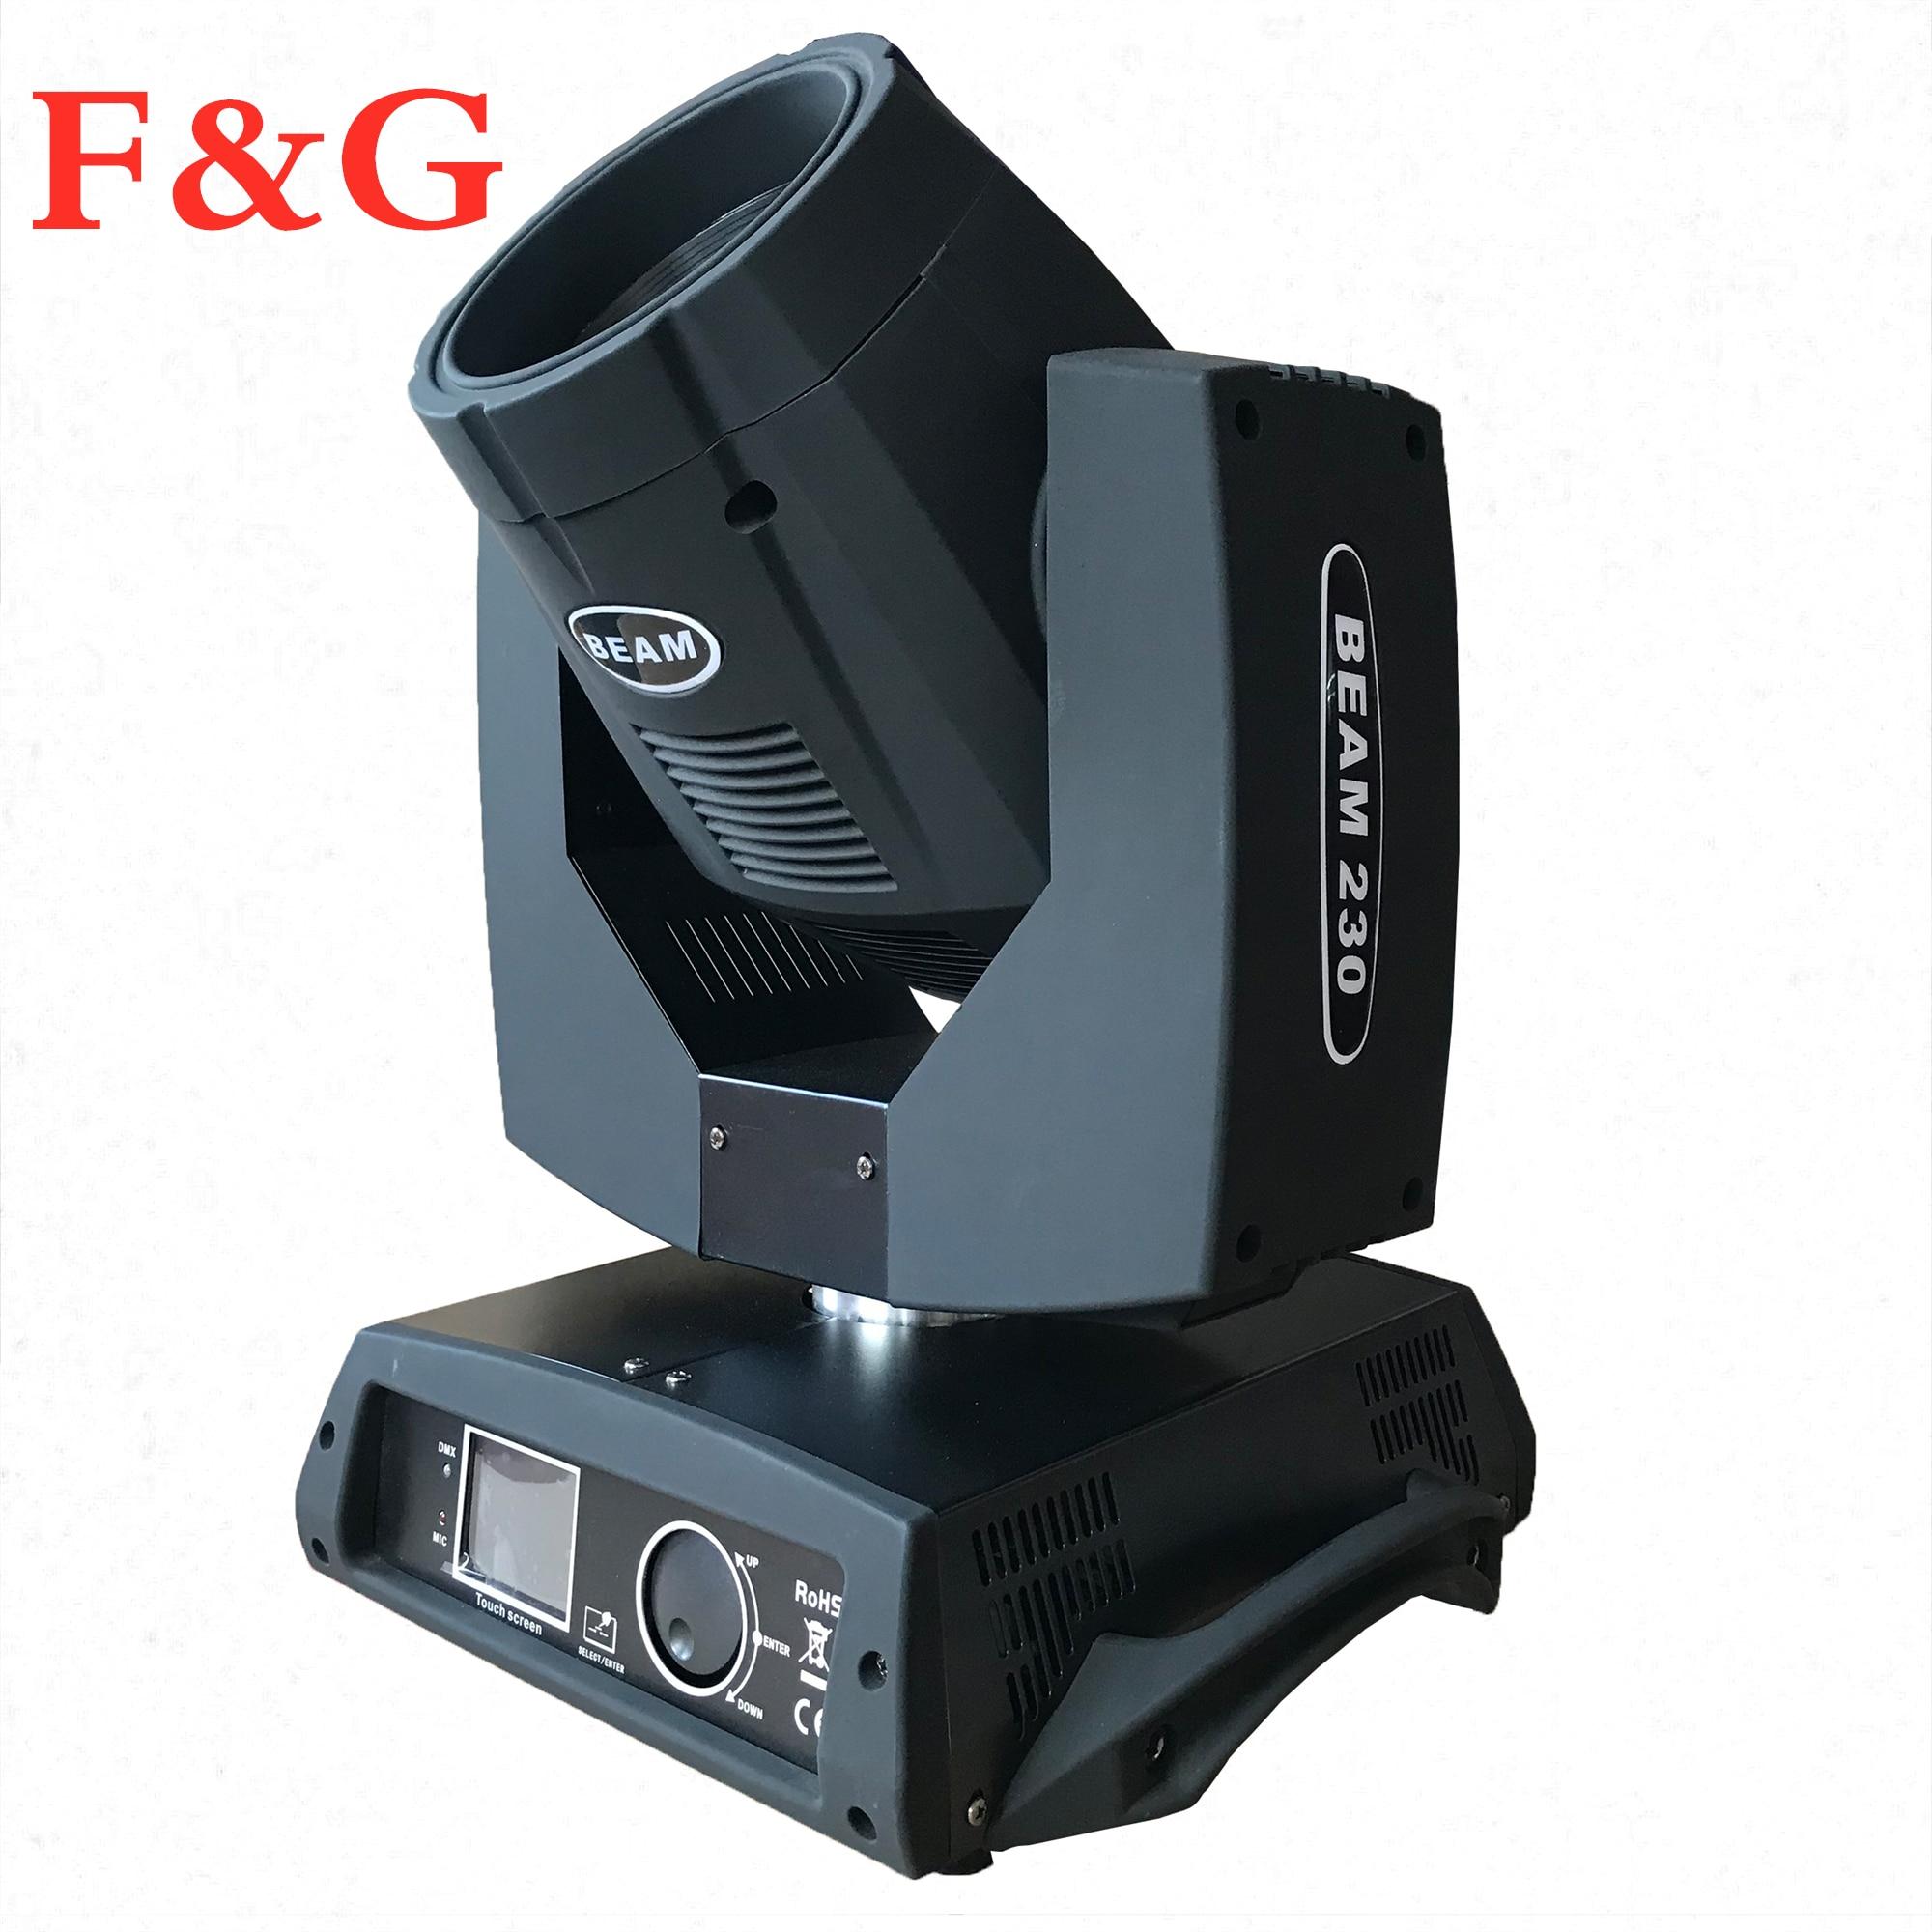 F & G LED faisceau 7R 230W luz LED cabeza móvil lámpara DMX512 escenario Lgiht efecto pour el diseño de iluminación danza Disco DJ mús